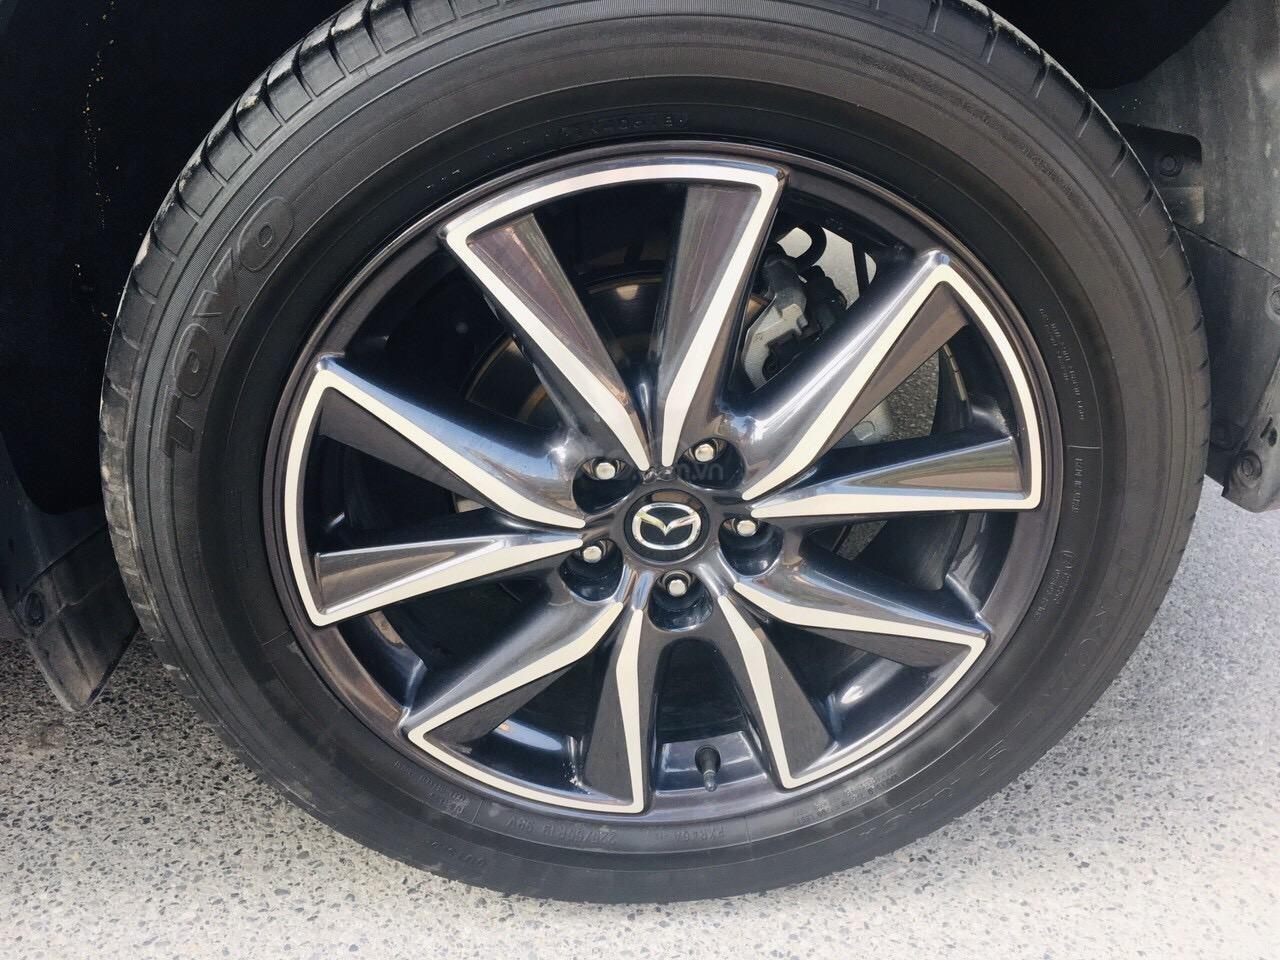 Cần bán xe Mazda CX 5 2.0 năm sản xuất 2018, màu xanh lam (8)